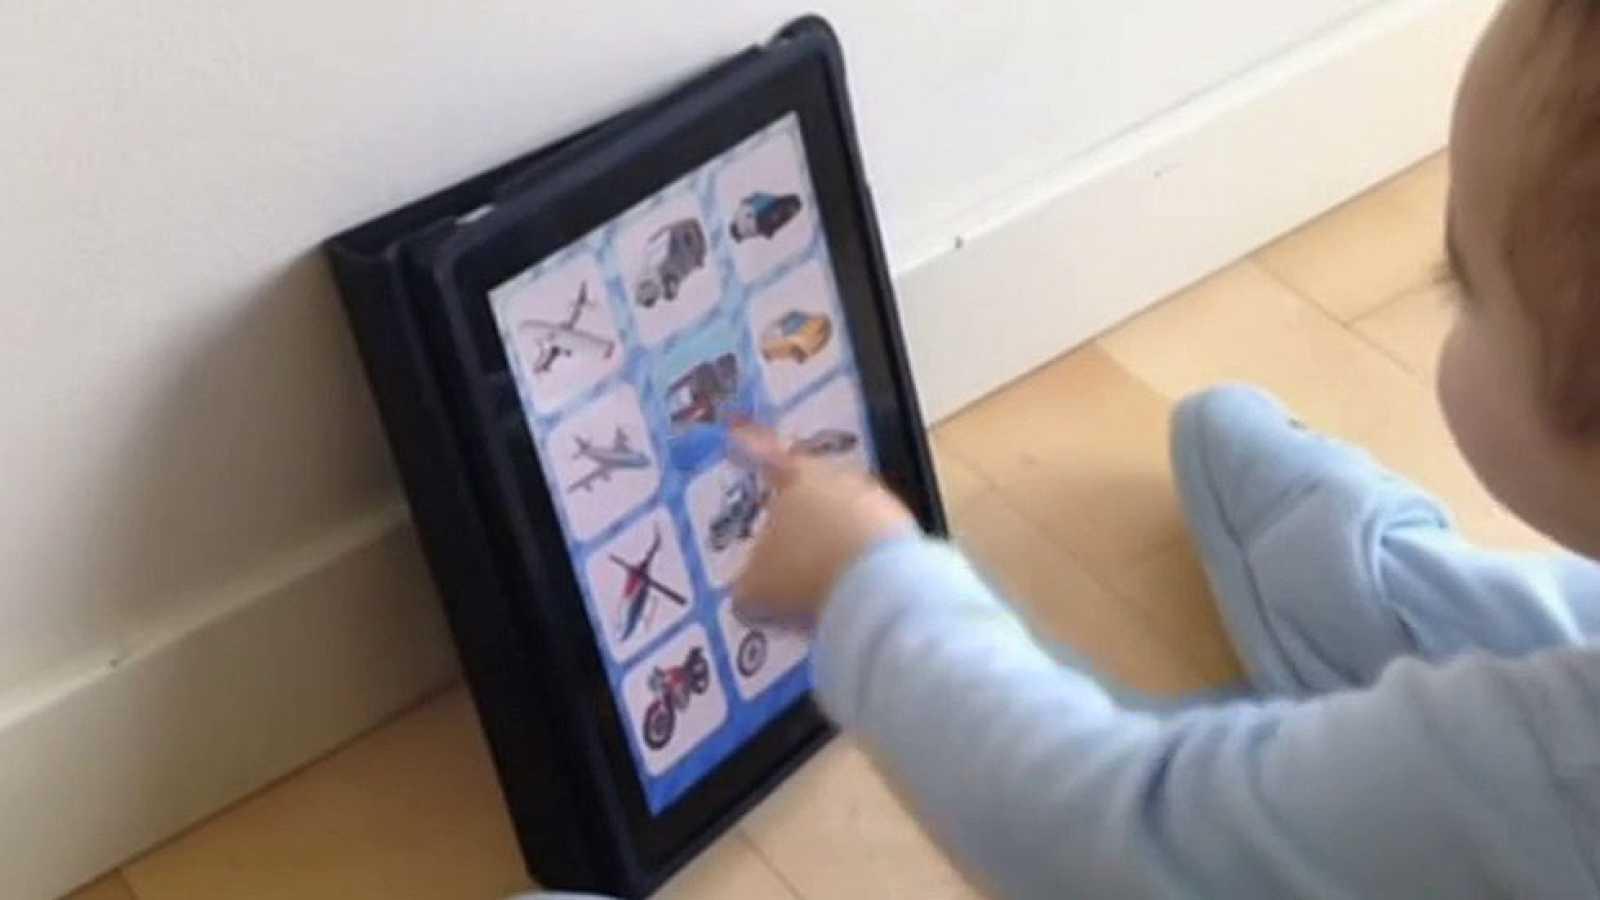 Los expertos advierten de los riesgos de utilizar tabletas a edades ...